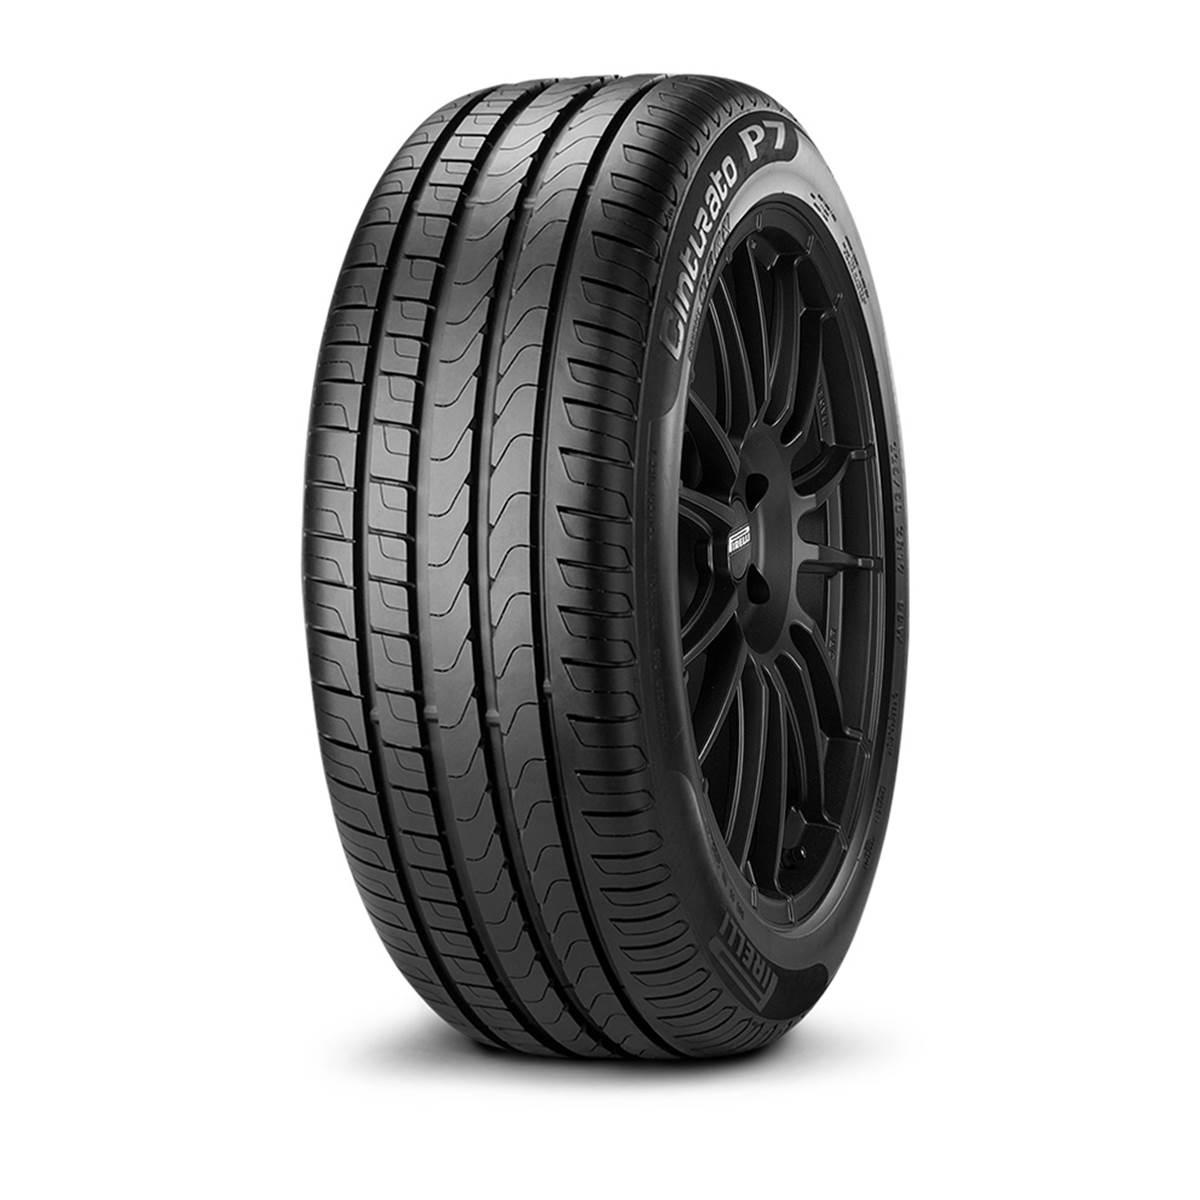 Pneu Runflat Pirelli 225/45R18 91W Cinturato P7